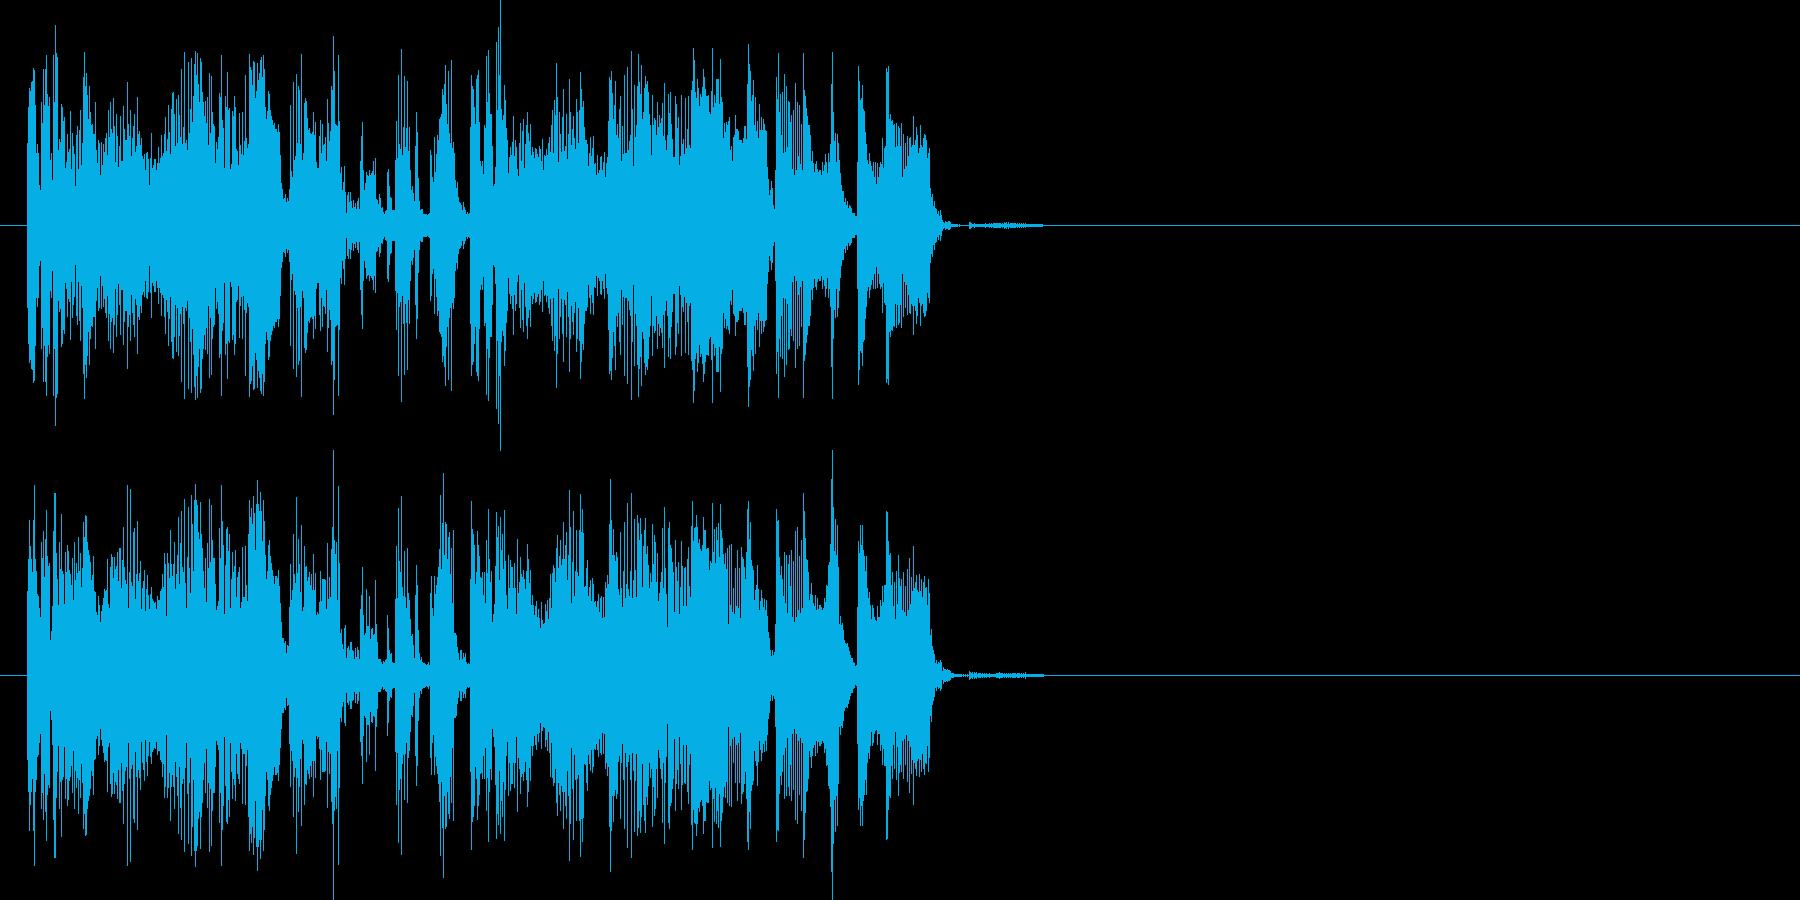 場面転換、動画作成に最適なEDMジングルの再生済みの波形